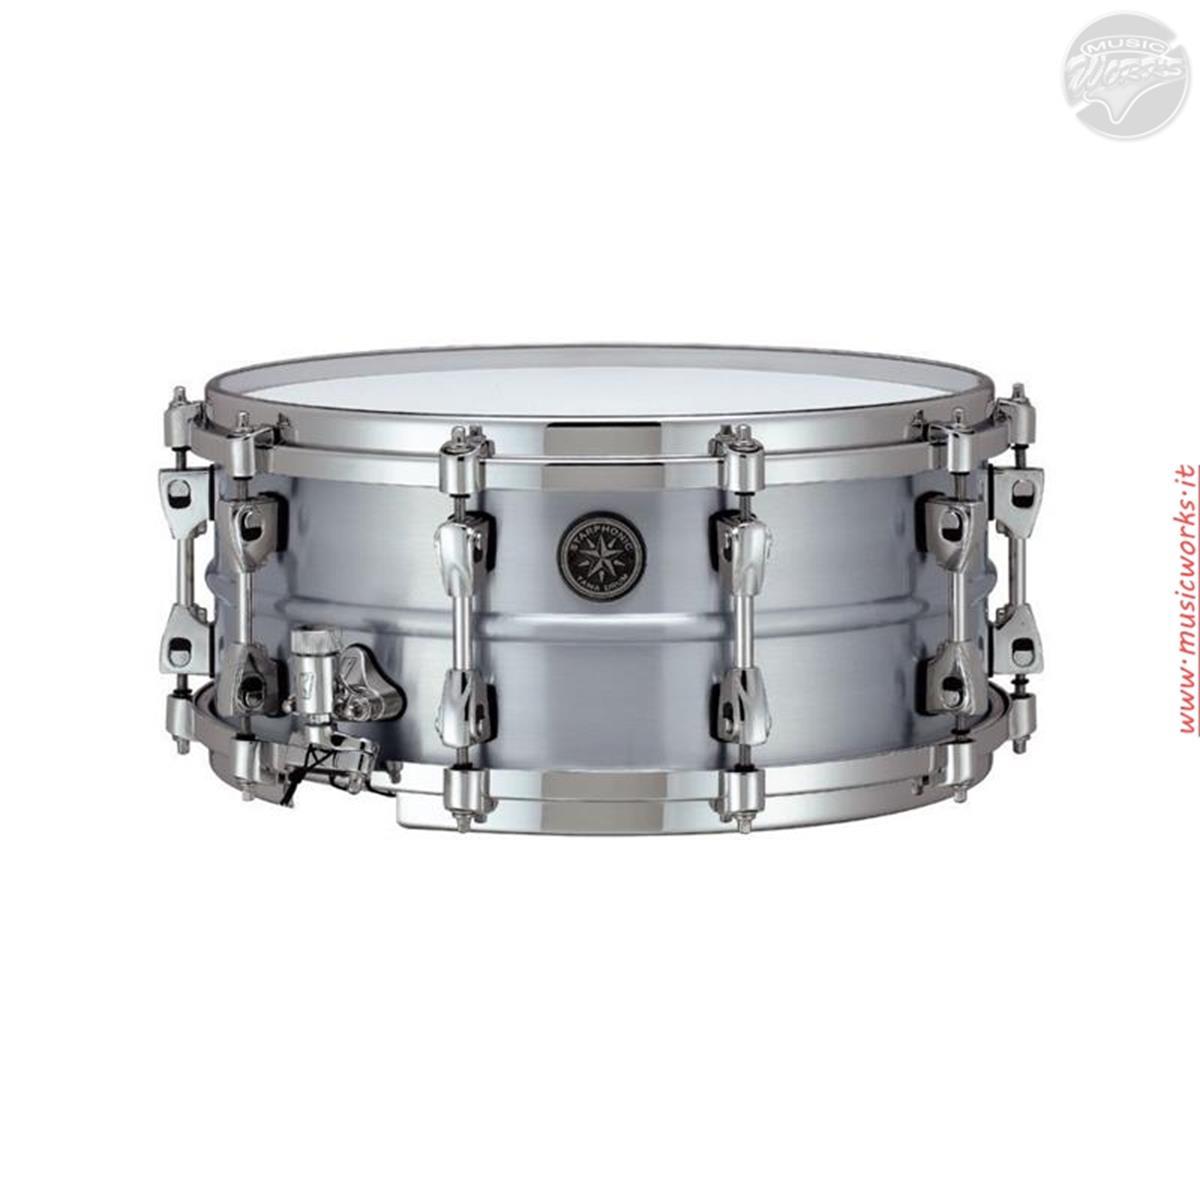 Tama StarClassic Performer B/B PST146 Starphonic Acciaio - 14x6